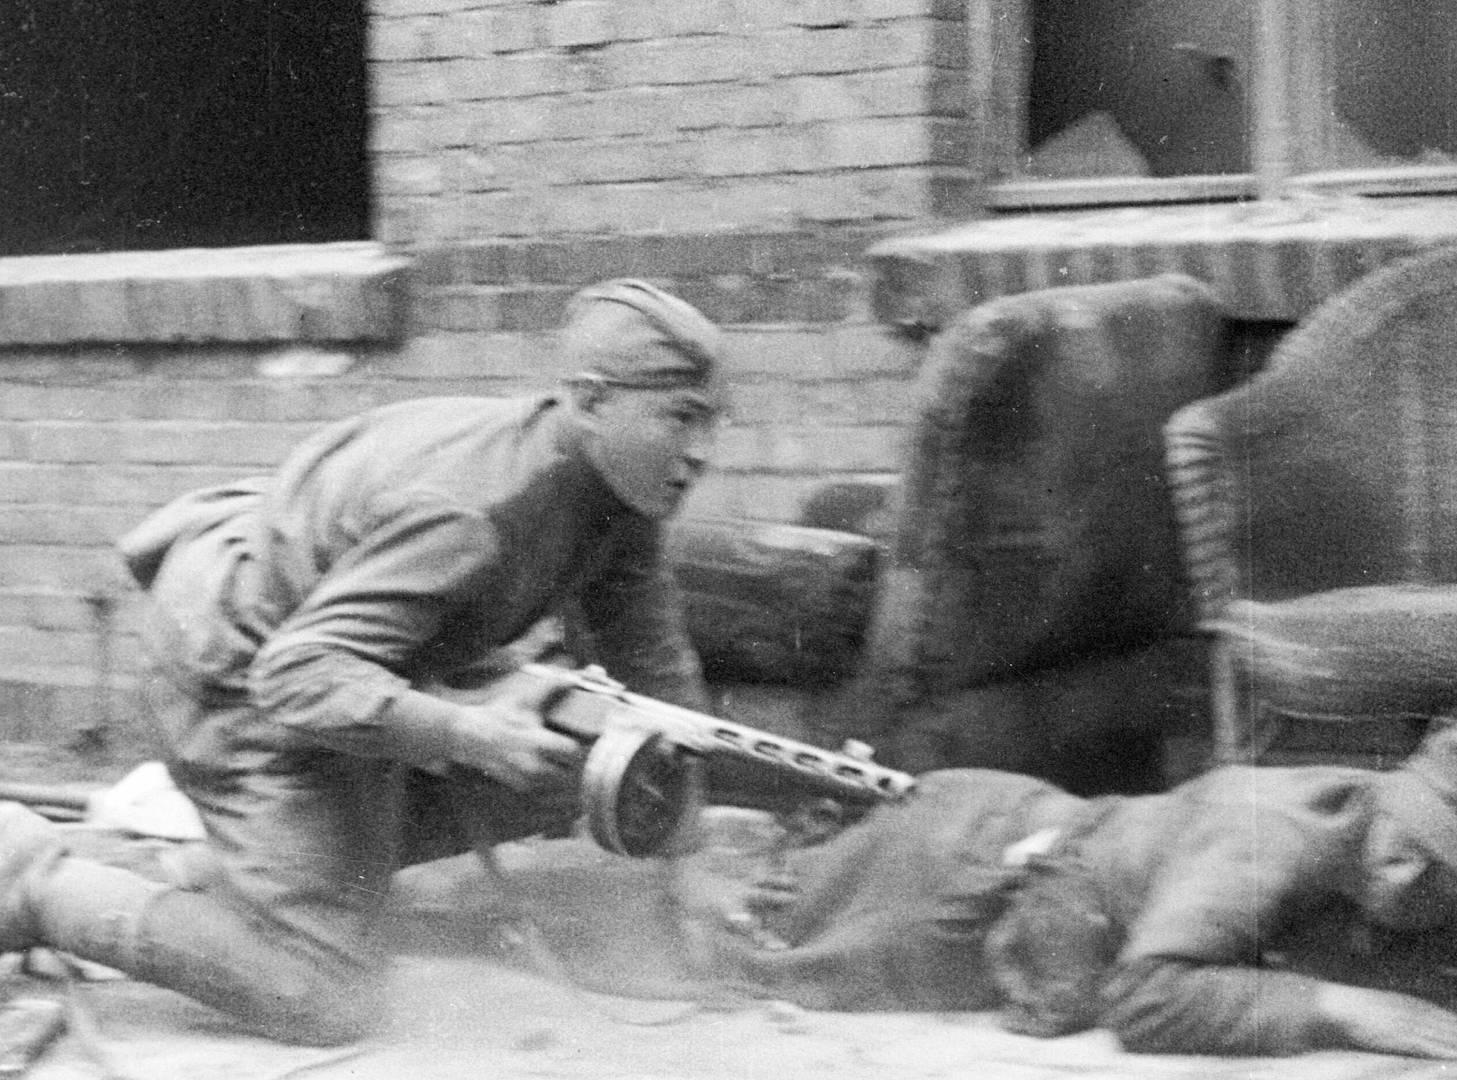 Автоматчик РККА во время боя в Берлине. Май 1945 г.